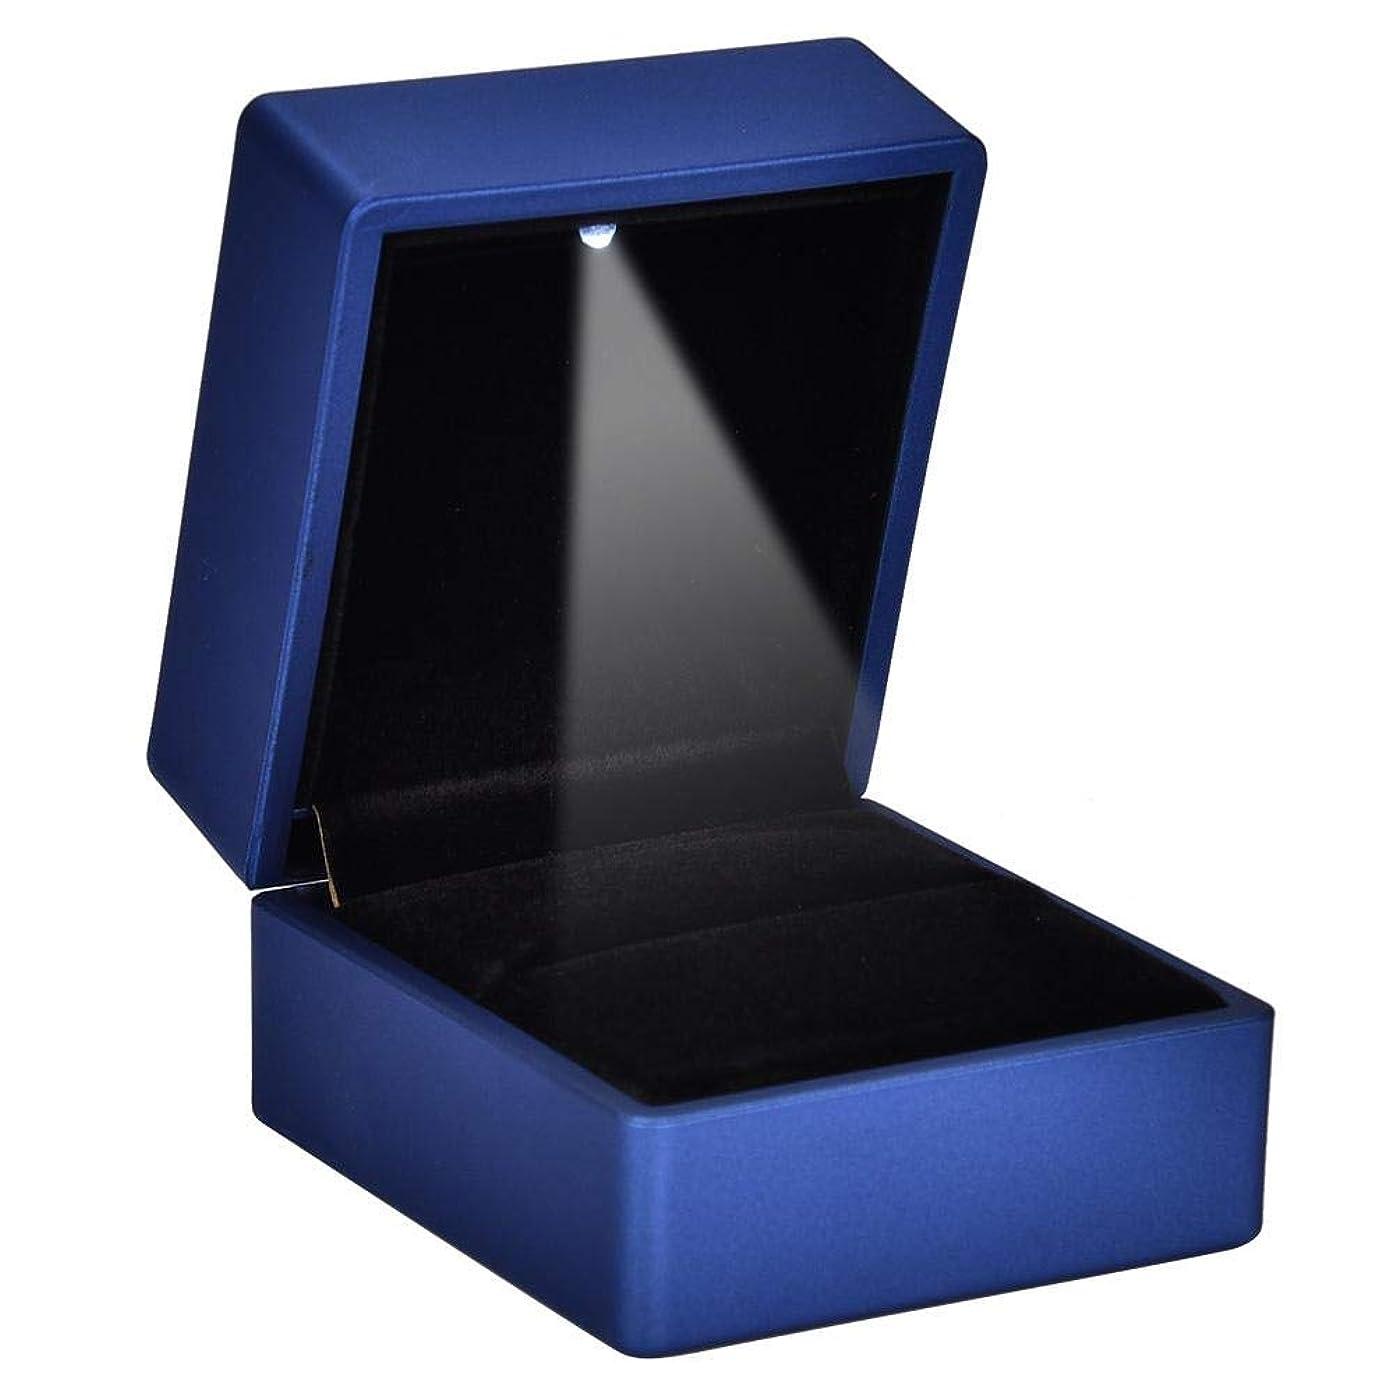 手荷物エキゾチック従者2種類ファッショナブルなLEDリングボックス - 内部LED照明付きリングケース、ジュエリーホルダーリング収納ケース、結婚式の提案(ブルー-90 * 70 * 35)